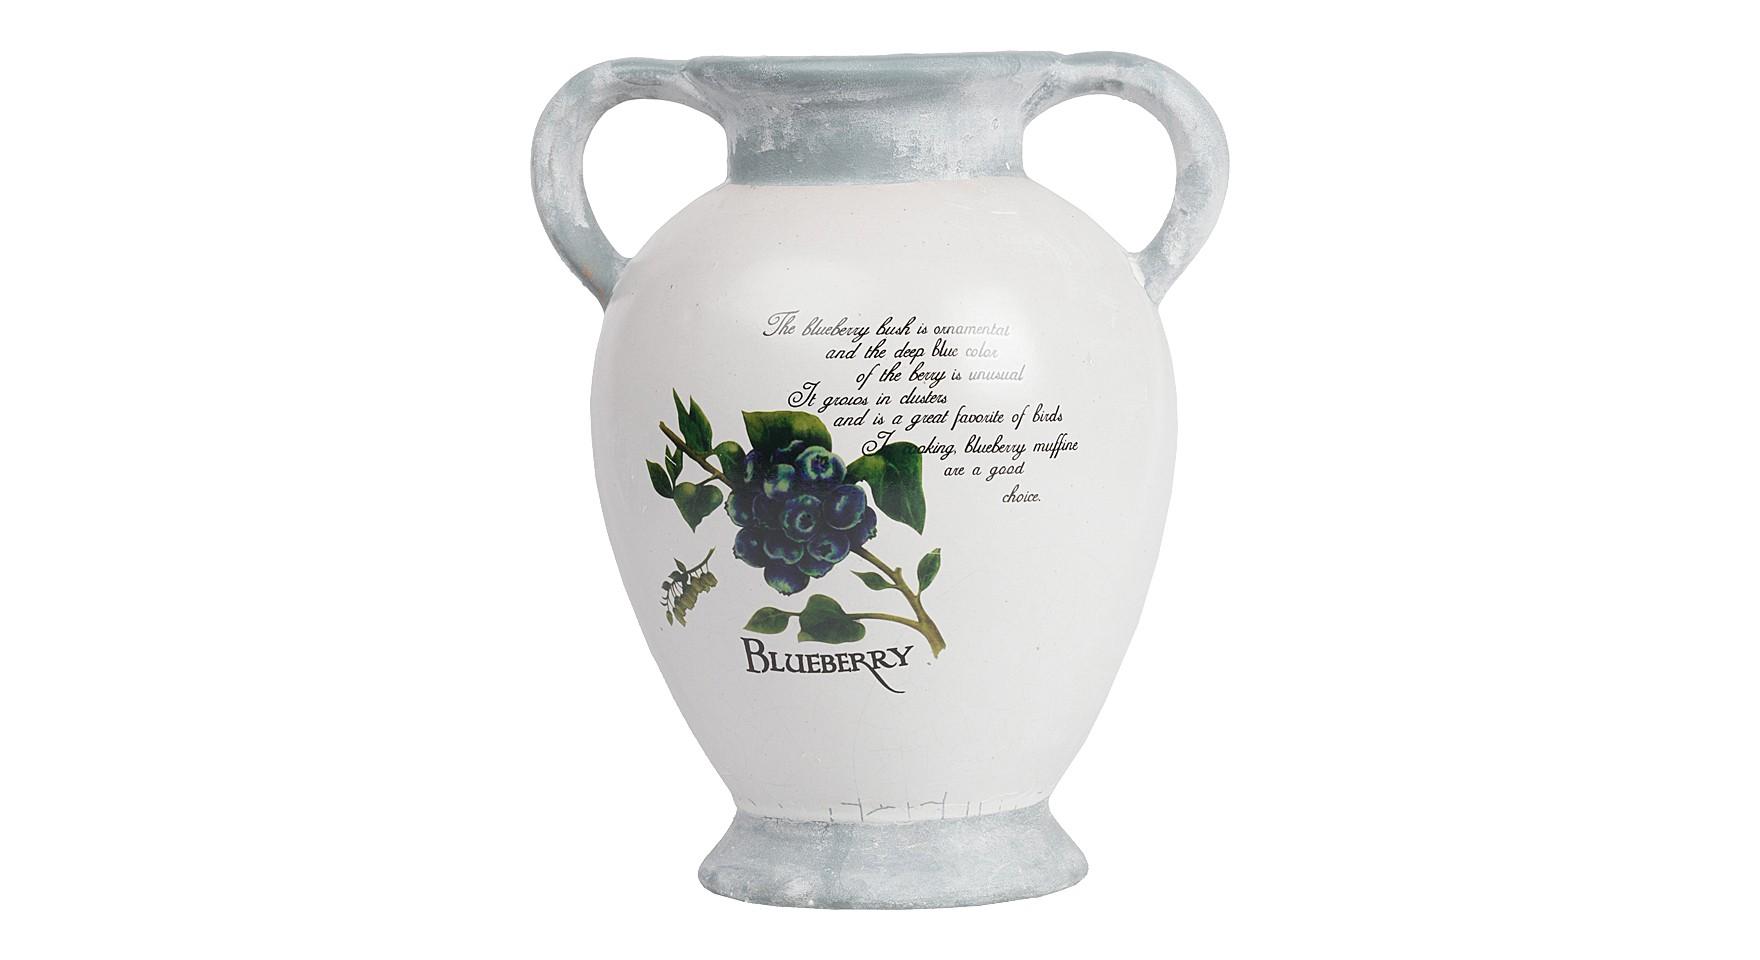 Декоративная ваза TessaВазы<br>Главное украшение любого дома — это цветы, правильно и удачно расставленные по комнатам. Декоративная ваза Tessa поможет создать уют и неповторимую обстановку, оформить интерьер со вкусом и освежить его. Несмотря на свою небольшую высоту, ваза является достаточно вместительной, поэтому вы смело сможете поставить в нее как букетик полевых цветов, так и роскошные розы из магазина.<br><br>Material: Керамика<br>Width см: 21<br>Depth см: 17,5<br>Height см: 26